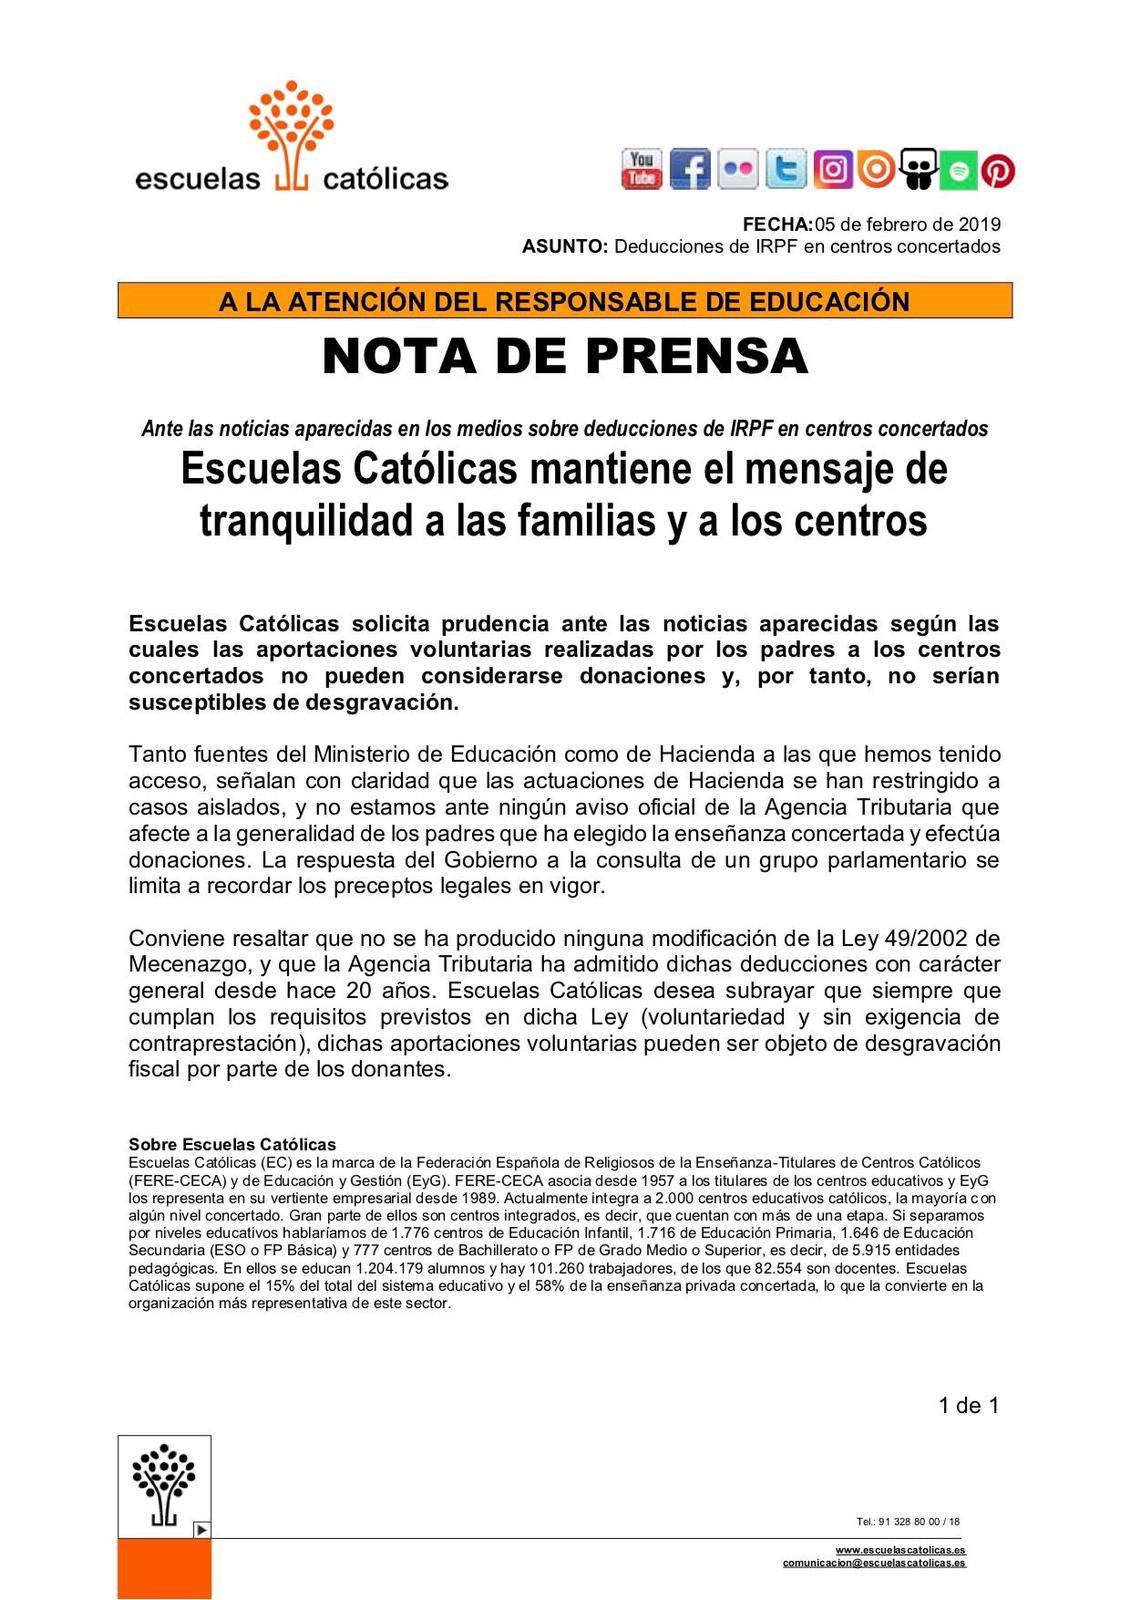 MENSAJE DE TRANQUILIDAD DE ESCUELAS CATÓLICAS A LAS FAMILIAS Y CENTROS.